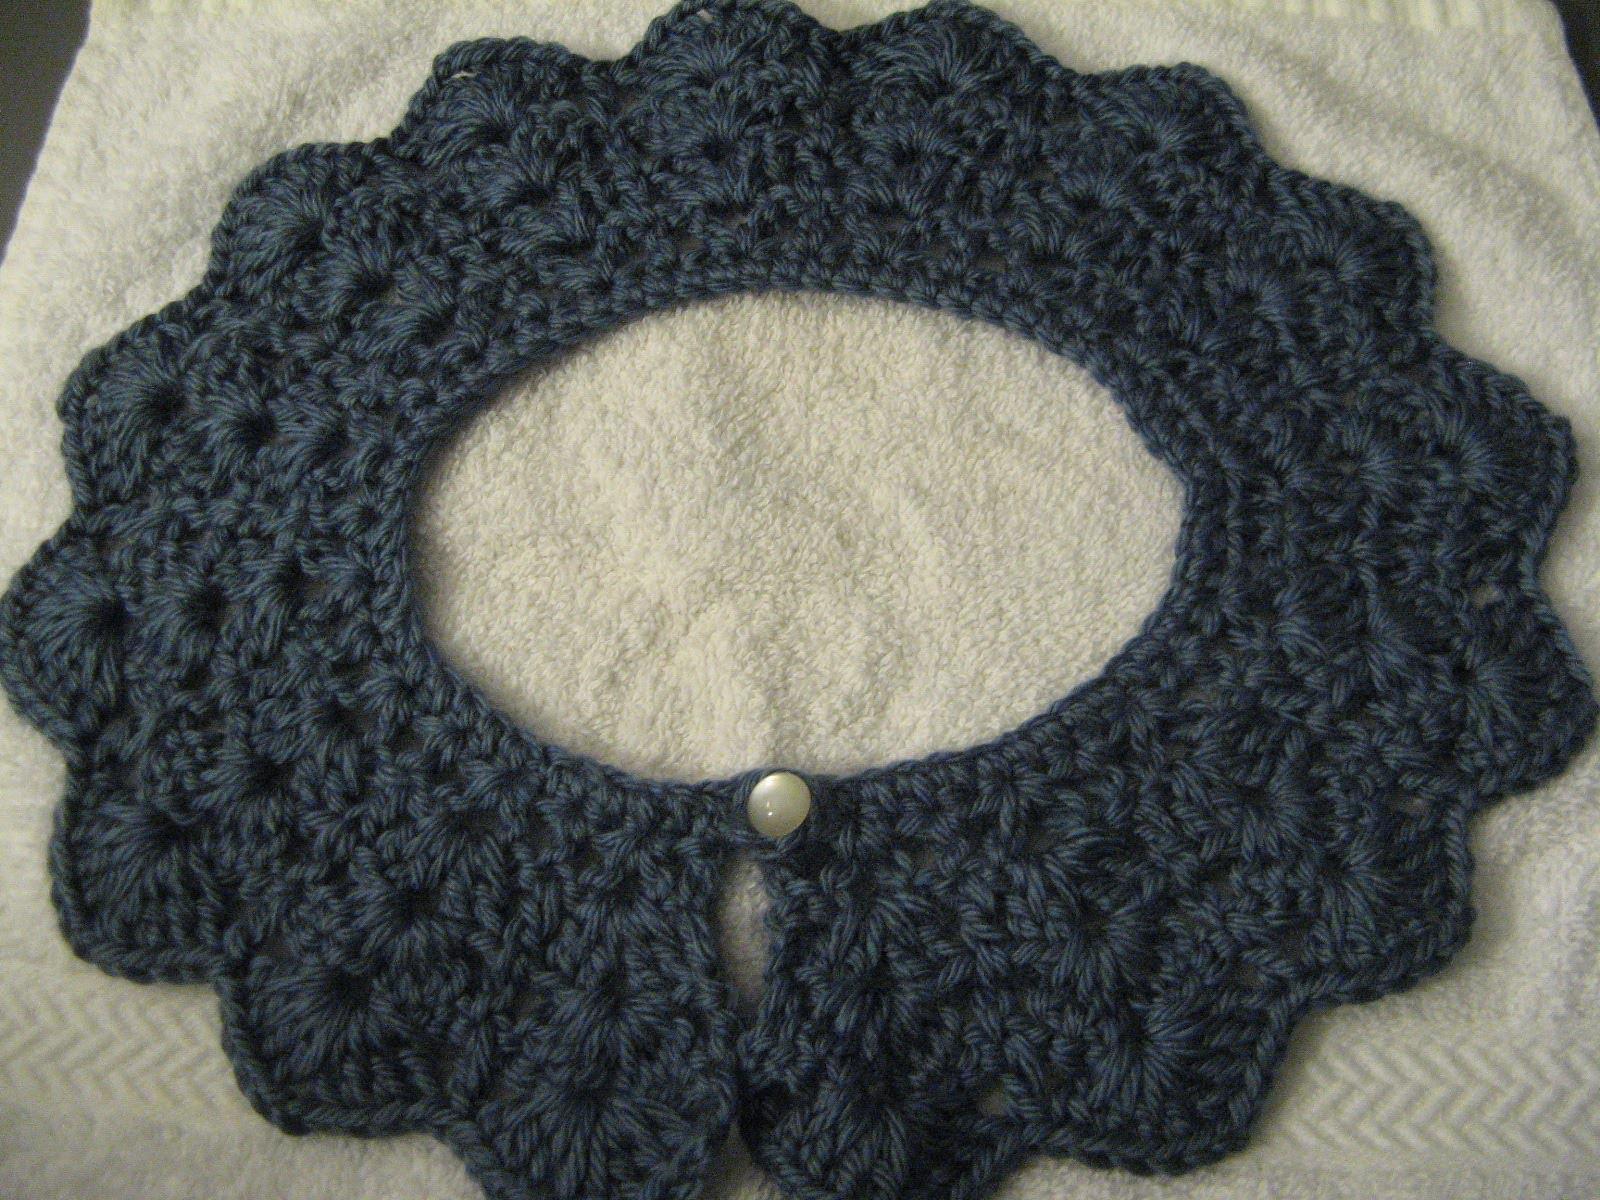 Crochet collar. peter pan collar. lace look collar